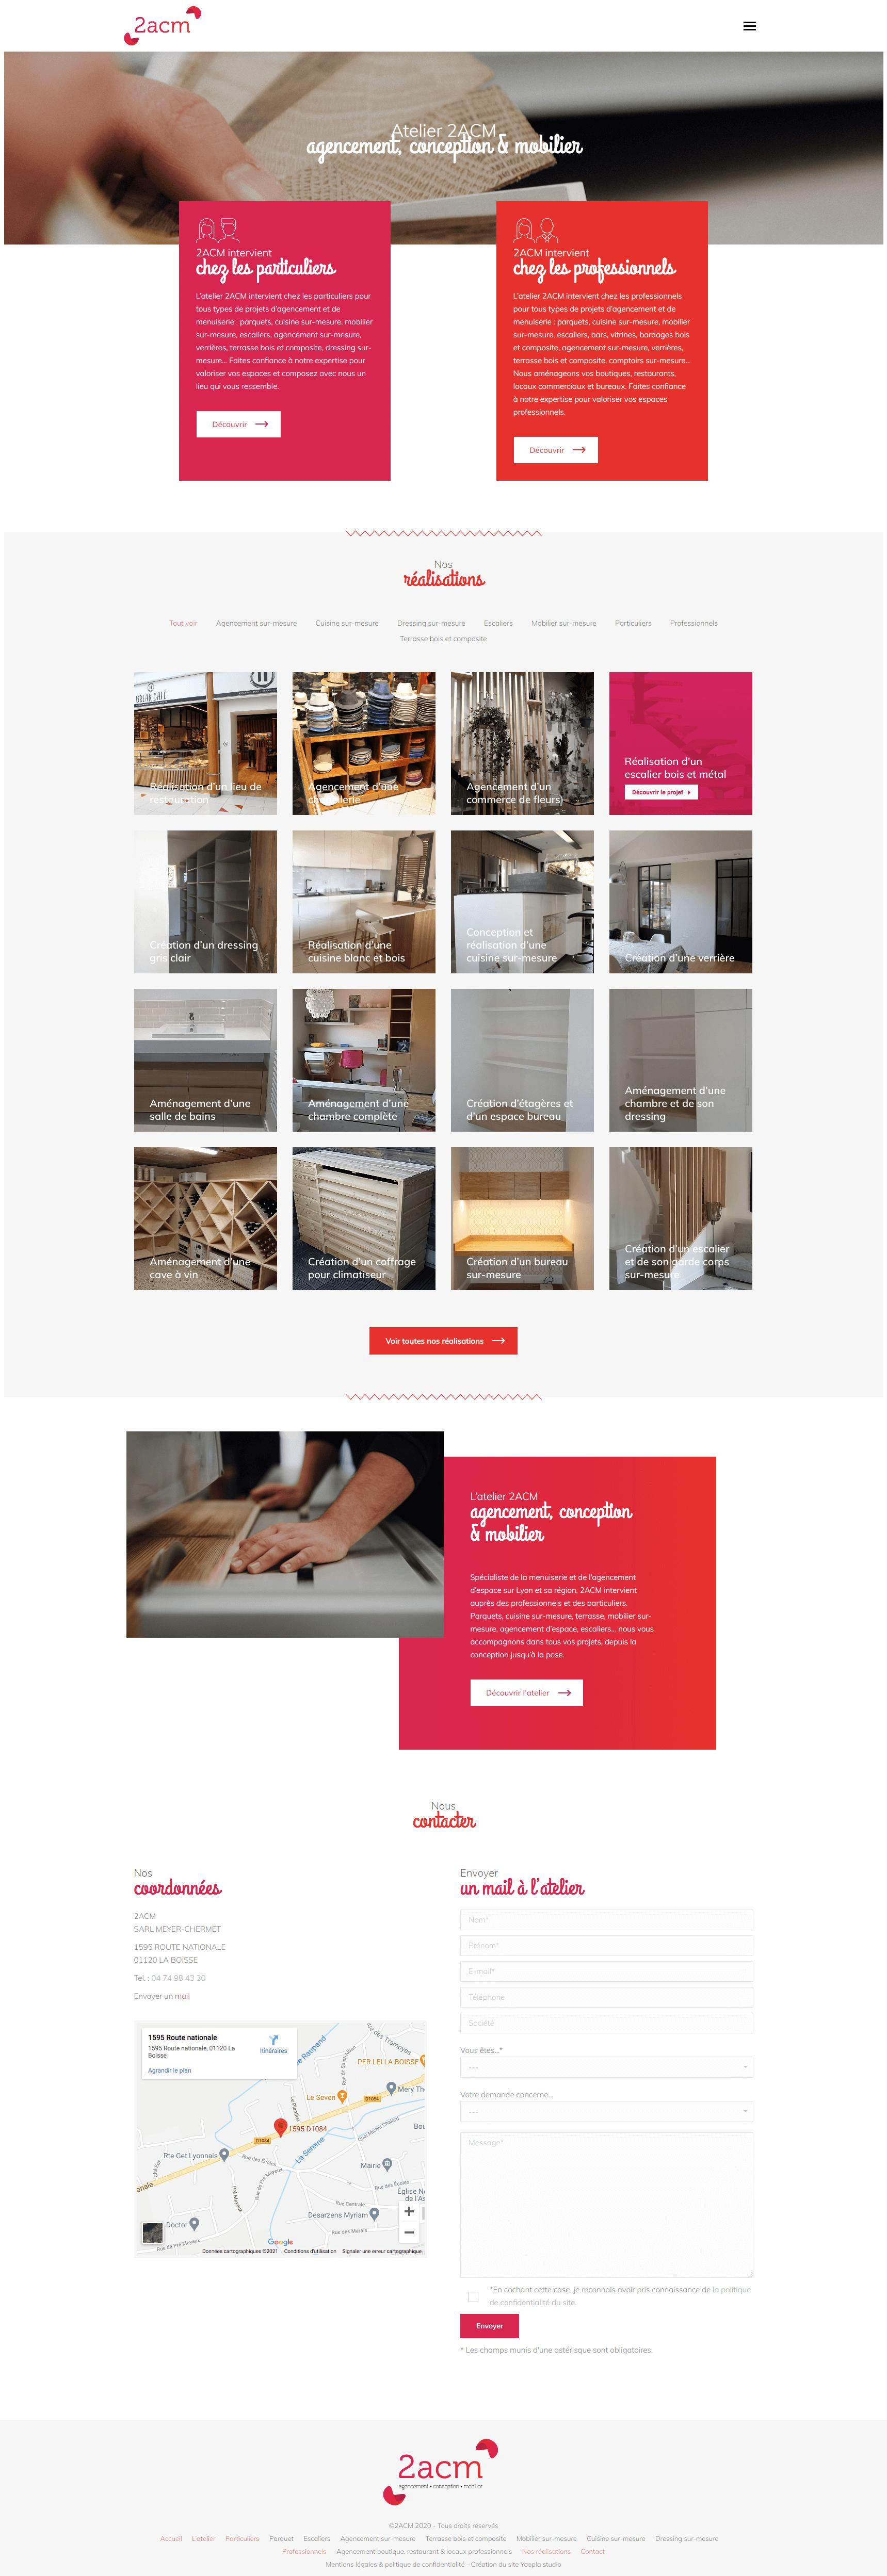 2ACM Menuiserie agencement conception mobilier - Création logotype, site web, cartes de visite